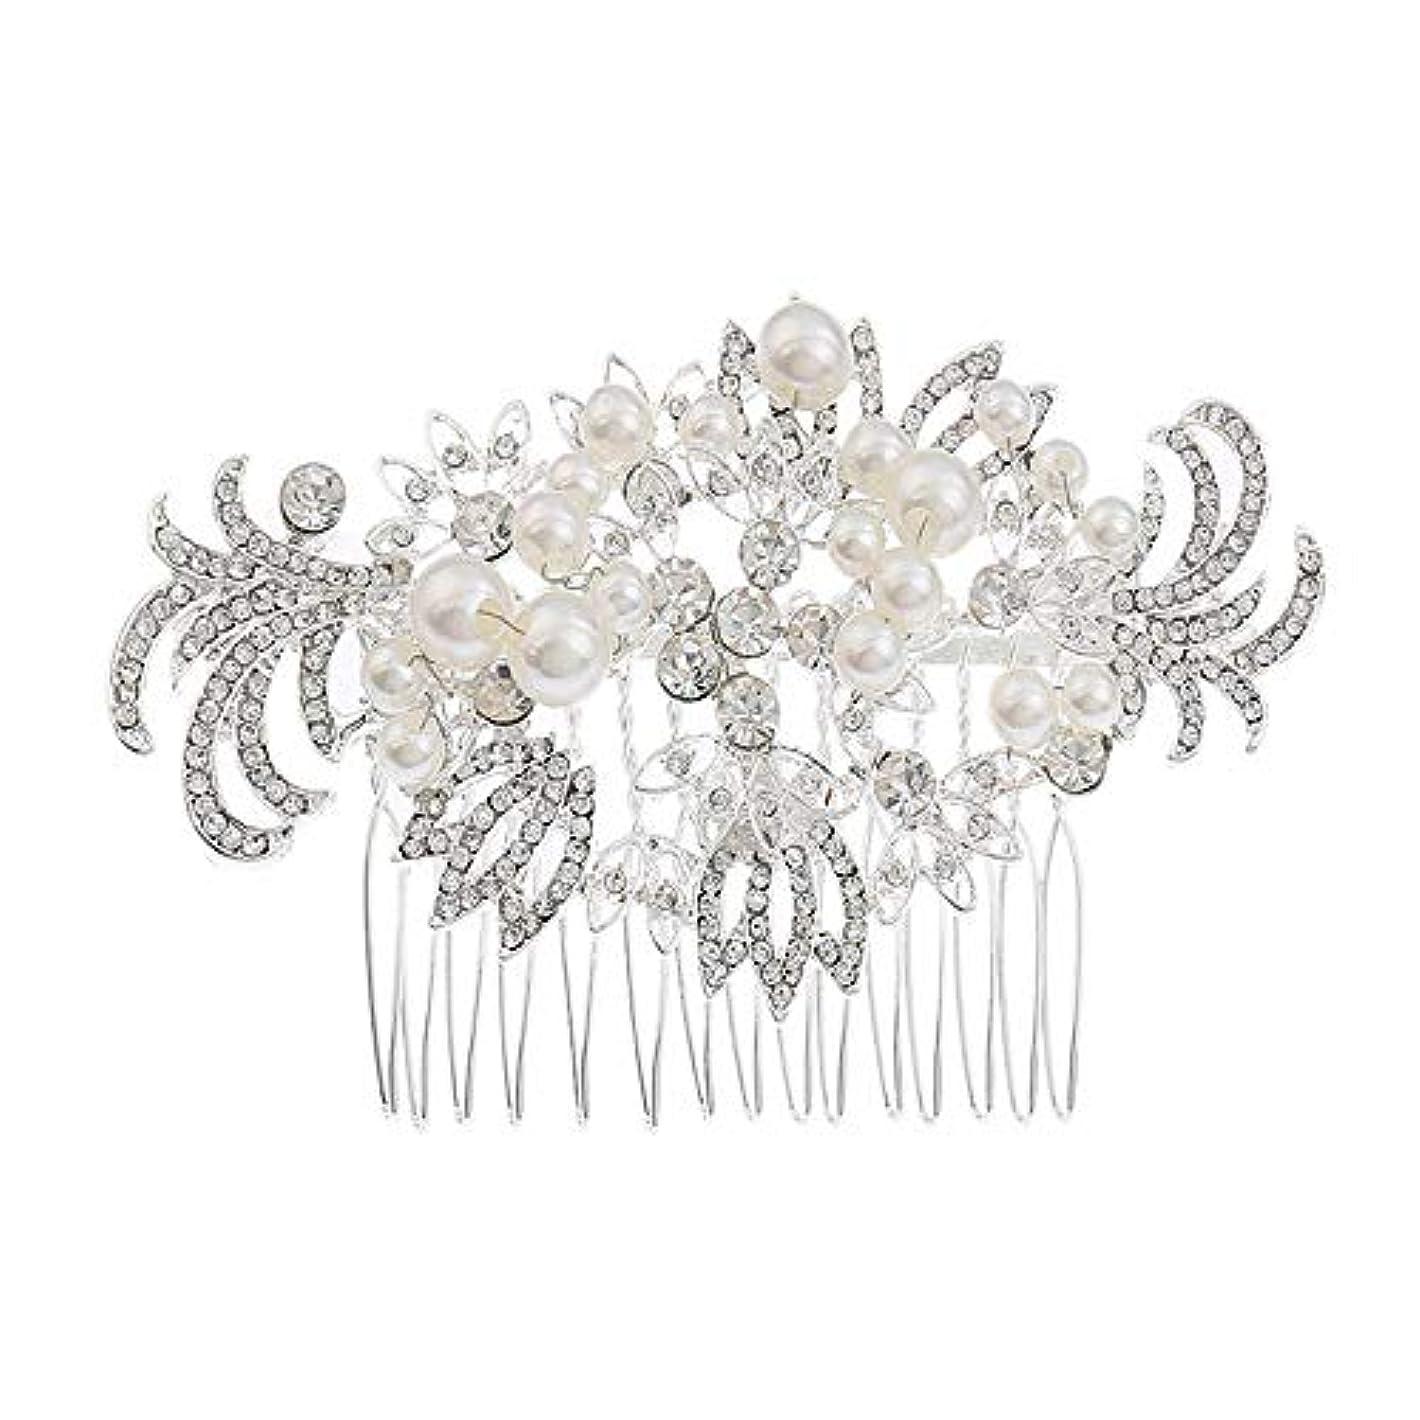 相反する緊急ラショナル髪の櫛挿入櫛花嫁の髪櫛真珠の髪の櫛ラインストーンの髪の櫛結婚式のヘアアクセサリー合金の帽子ブライダルヘッドドレス